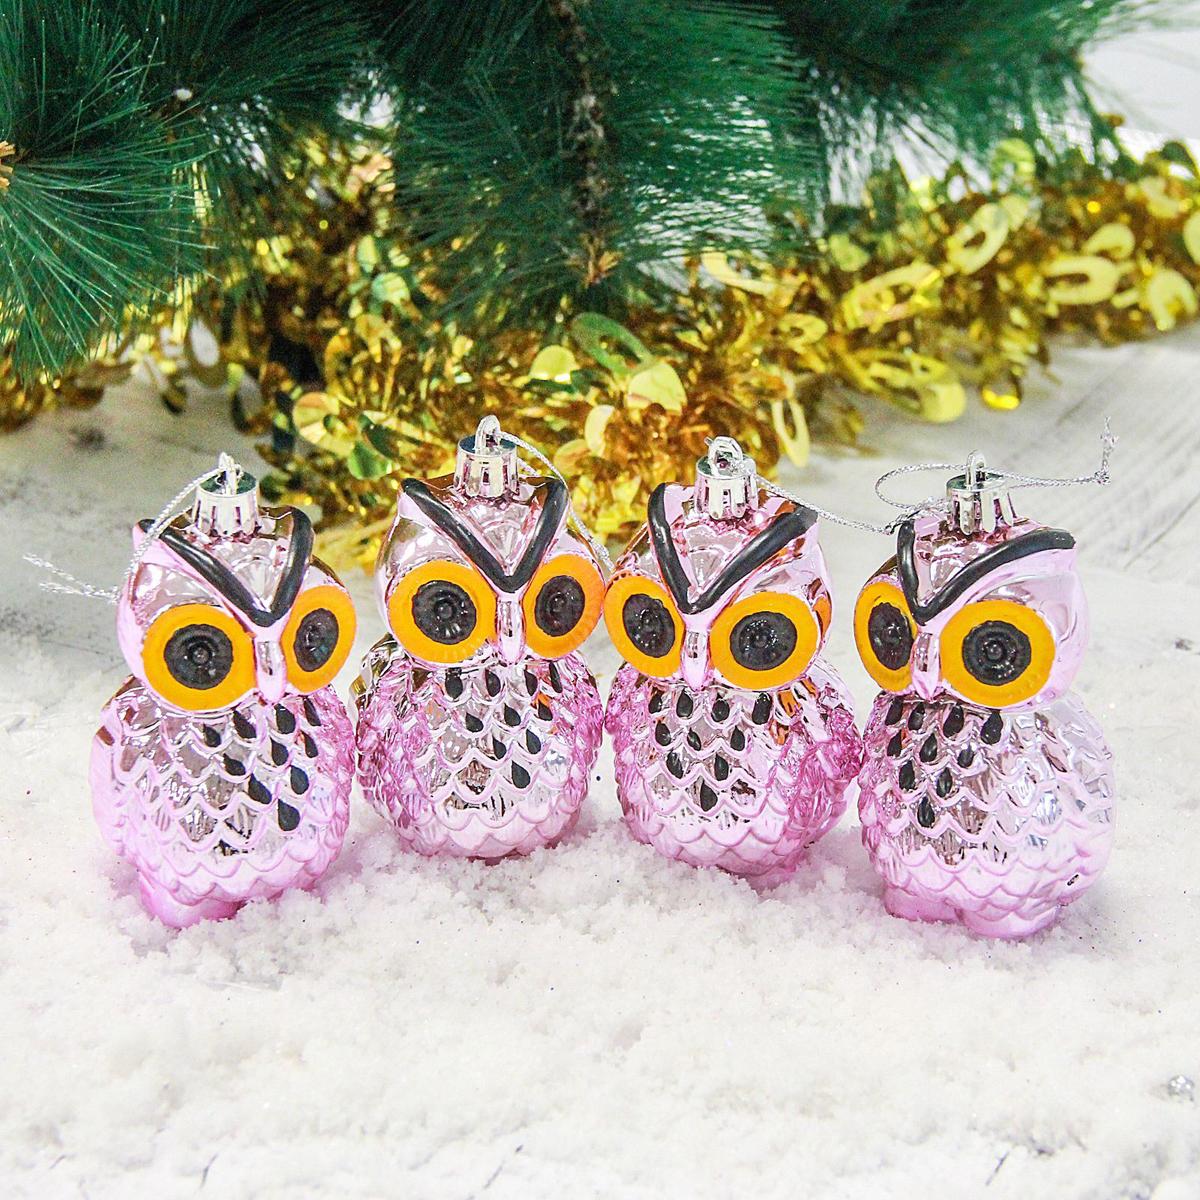 Набор новогодних подвесных украшений Совушка, цвет: розовый, 7,5 х 4,5 см, 4 шт2178132Набор новогодних подвесных украшений отлично подойдет для декорации вашего дома и новогодней ели. С помощью специальной петельки украшение можно повесить в любом понравившемся вам месте. Но, конечно, удачнее всего оно будет смотреться на праздничной елке.Елочная игрушка - символ Нового года. Она несет в себе волшебство и красоту праздника. Такое украшение создаст в вашем доме атмосферу праздника, веселья и радости.